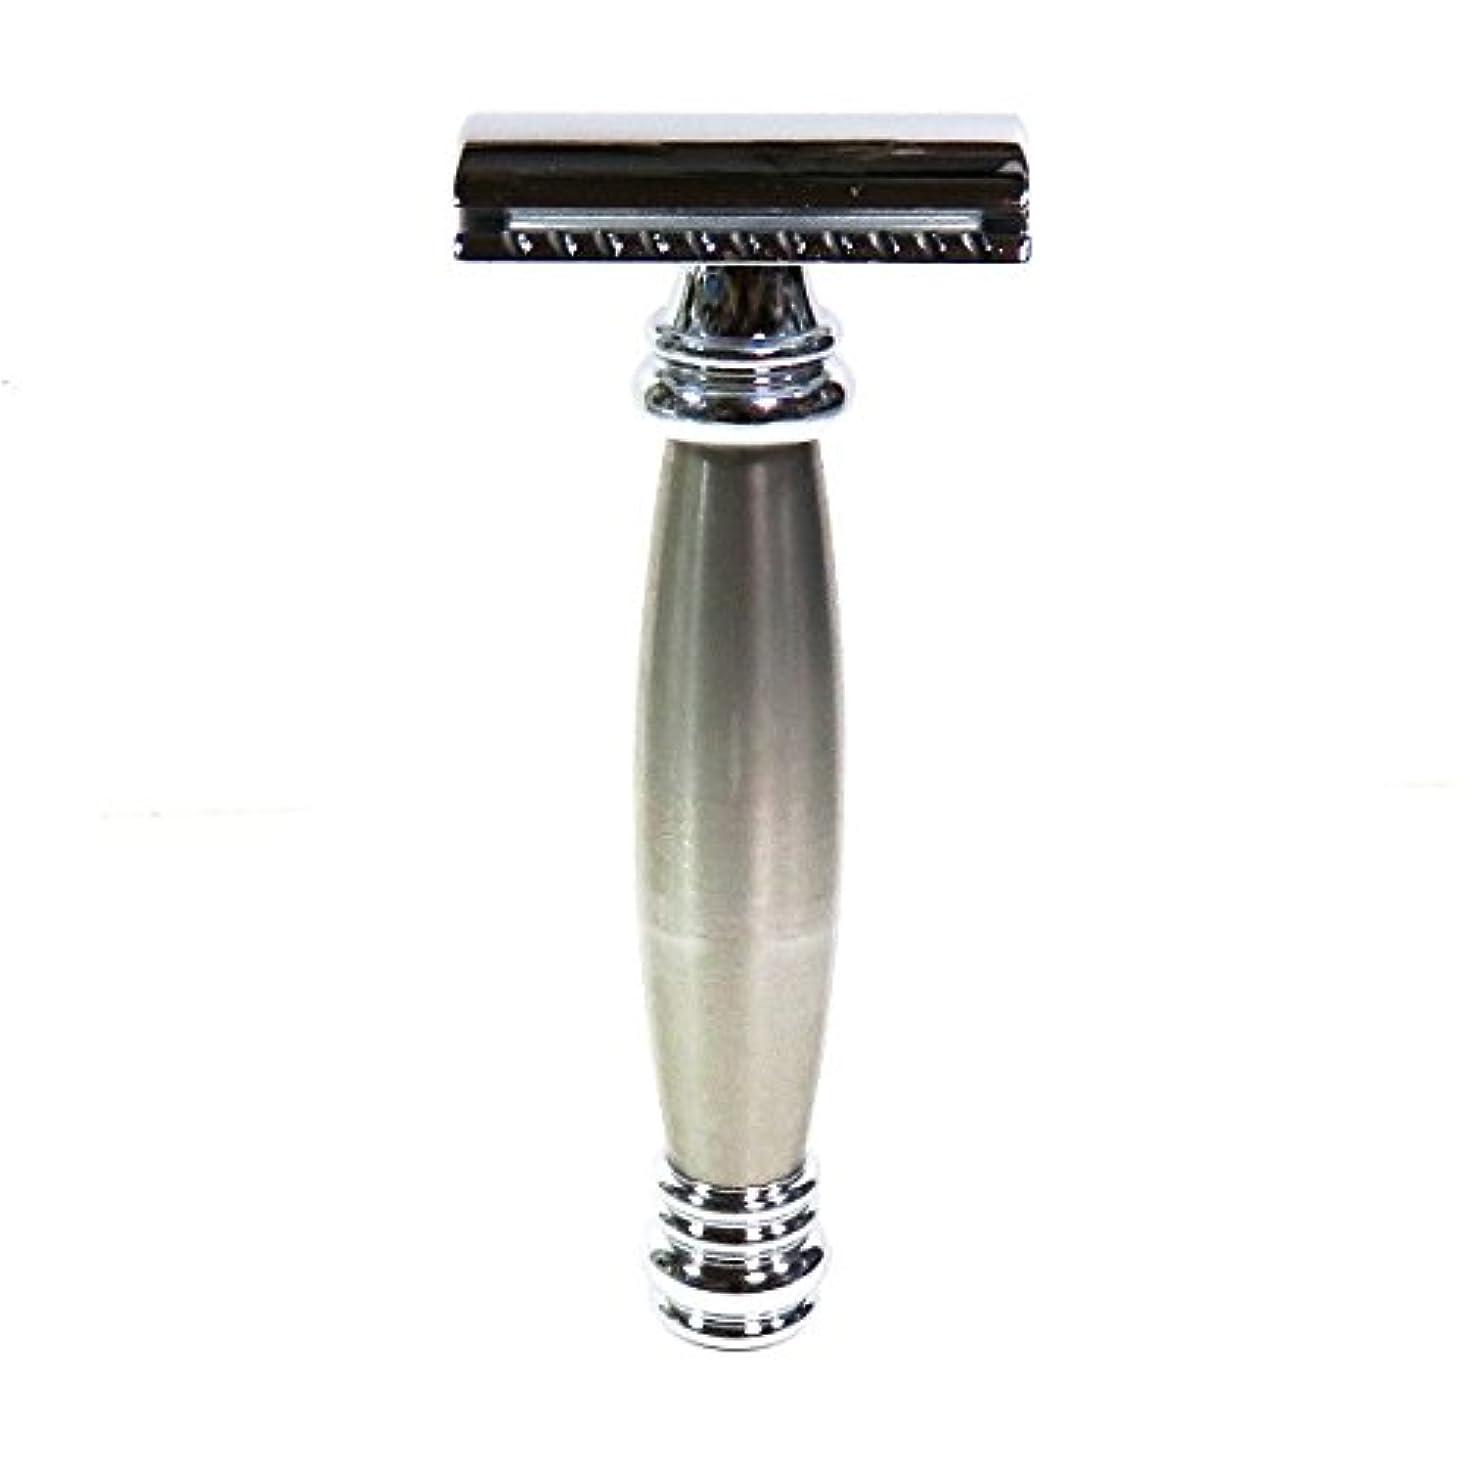 あからさま六月ヘアメルクールMERKUR(独)髭剃り(ひげそり)両刃ホルダー43002 流線型重厚グリップ